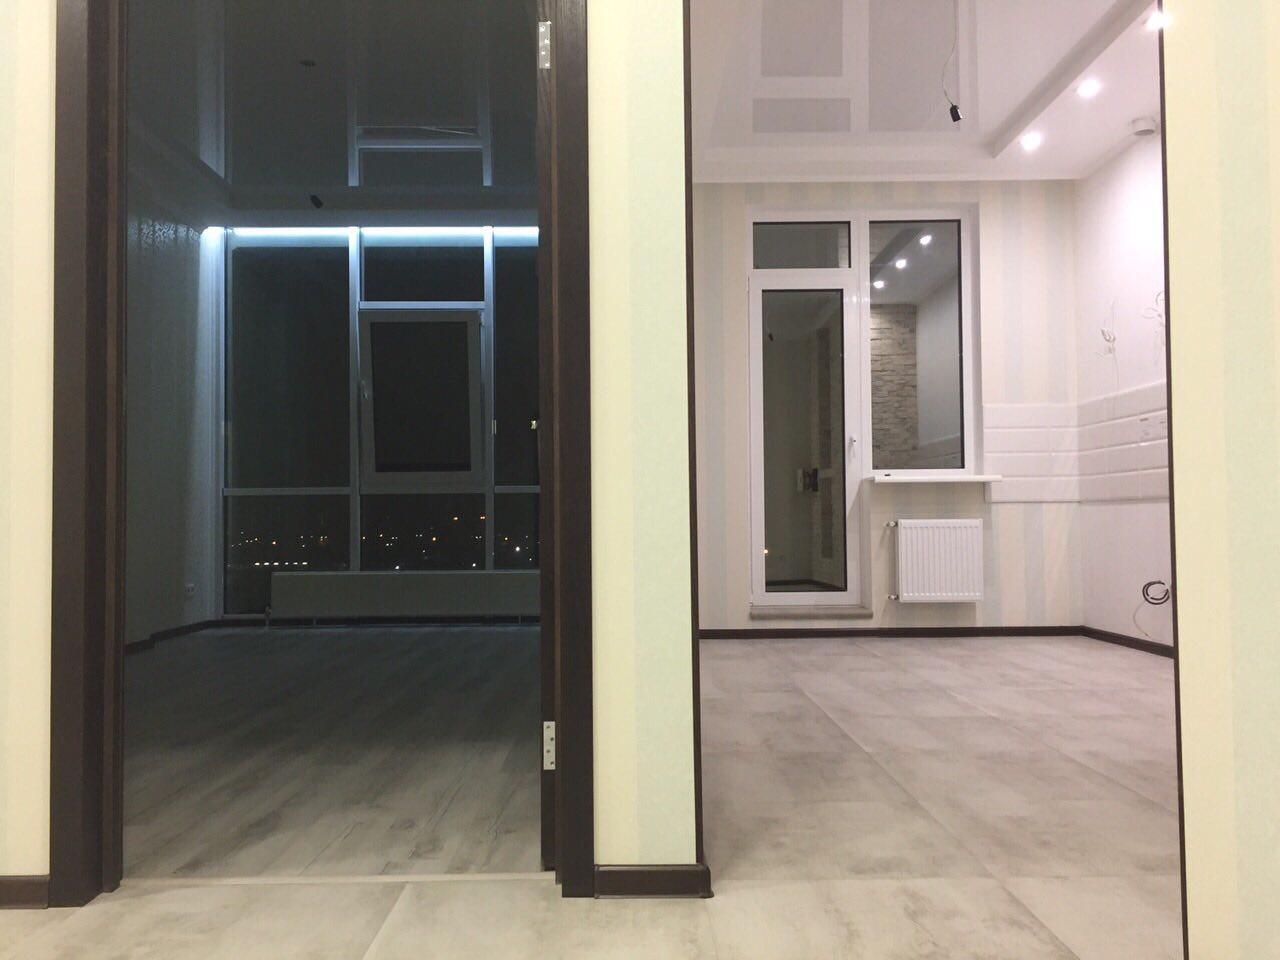 Продается 2-комнатная квартира на ул. Жемчужная — 69 000 у.е. (фото №2)